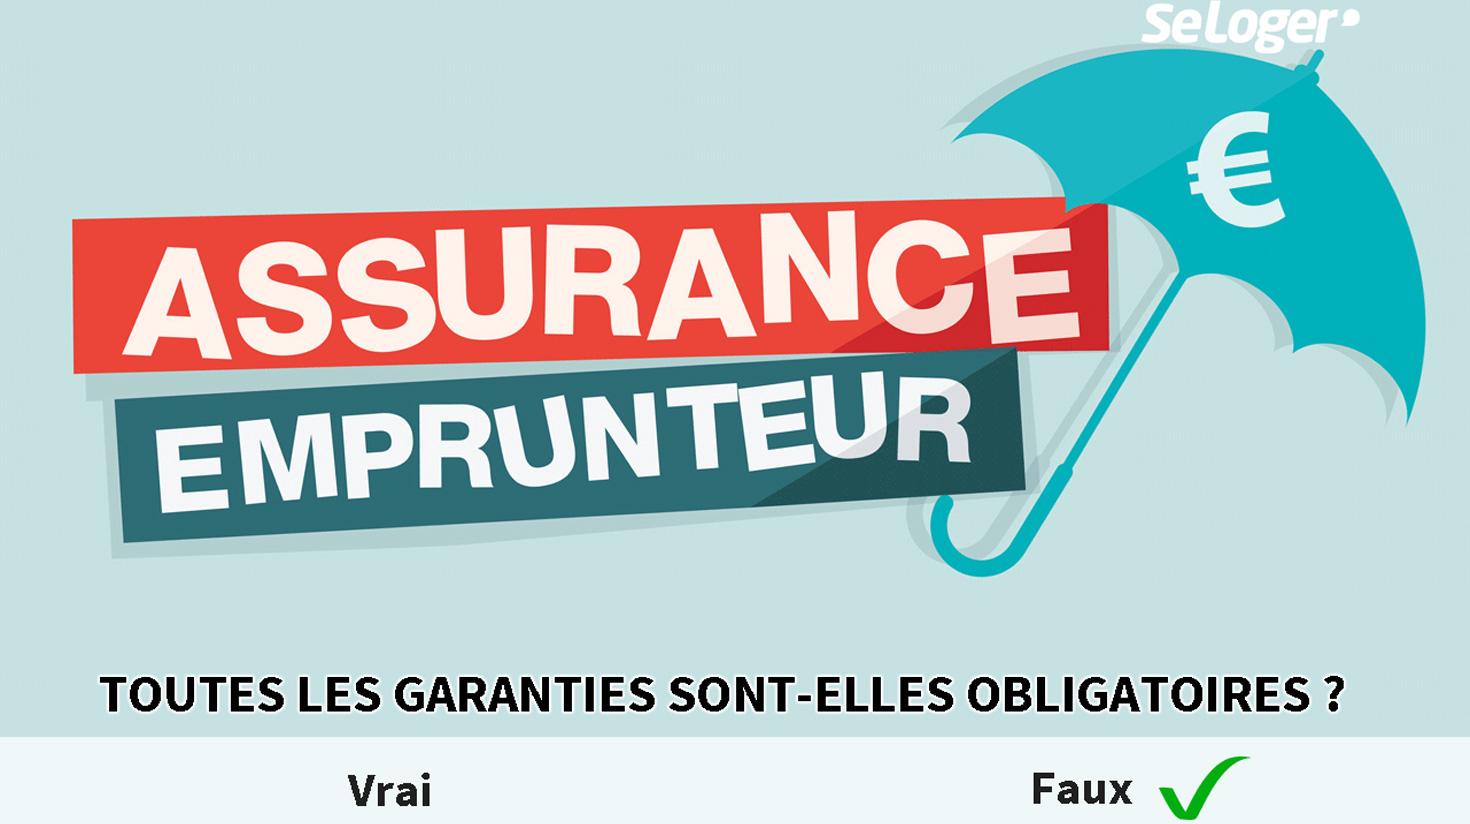 Assurance particulier : une assurance fiable ?